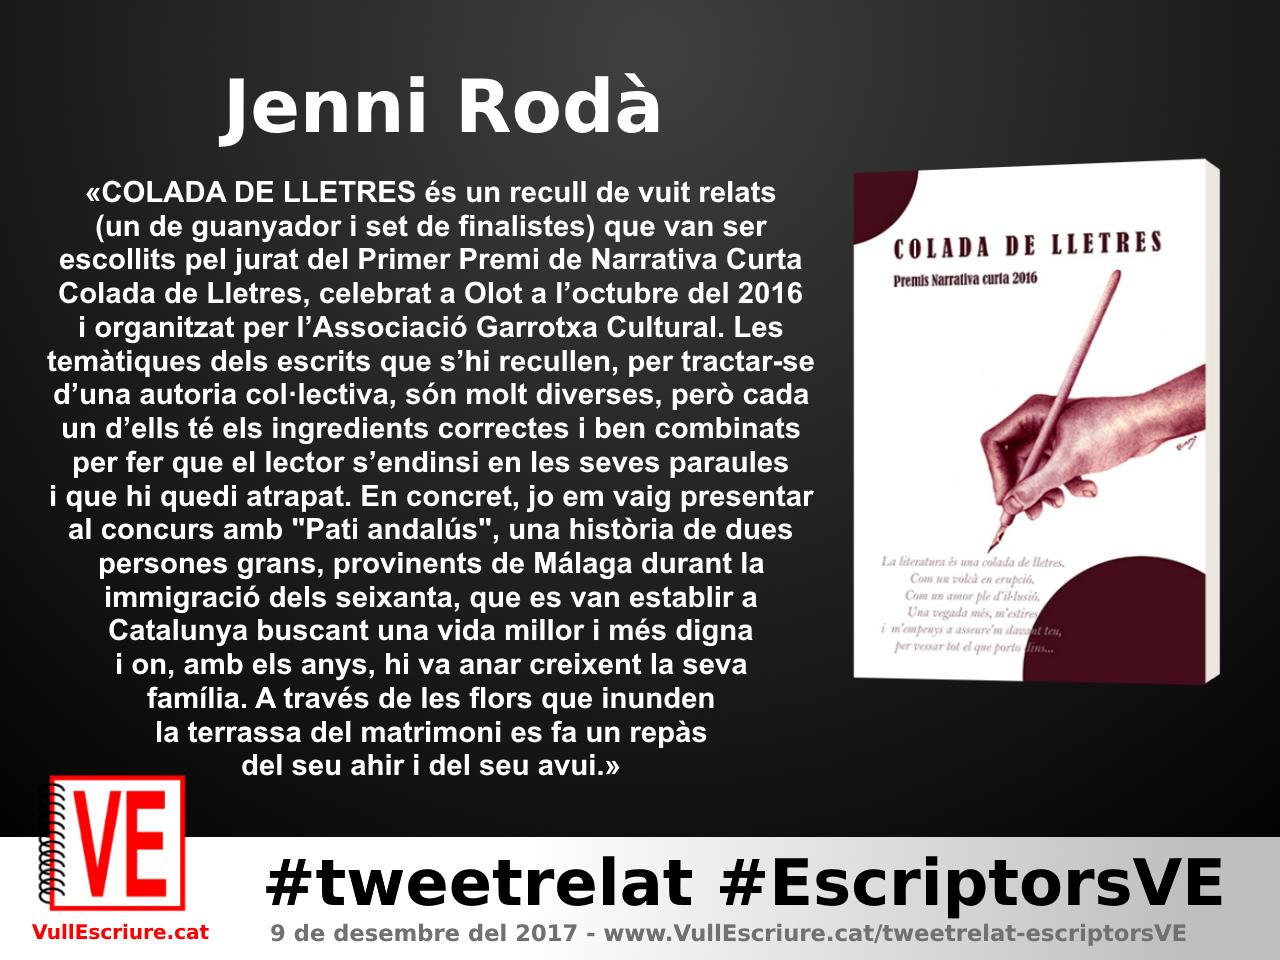 VullEscriure - Marató escriptura #tweetrelat #EscriptorsVE - Jenni Rodà - Colada de lletres